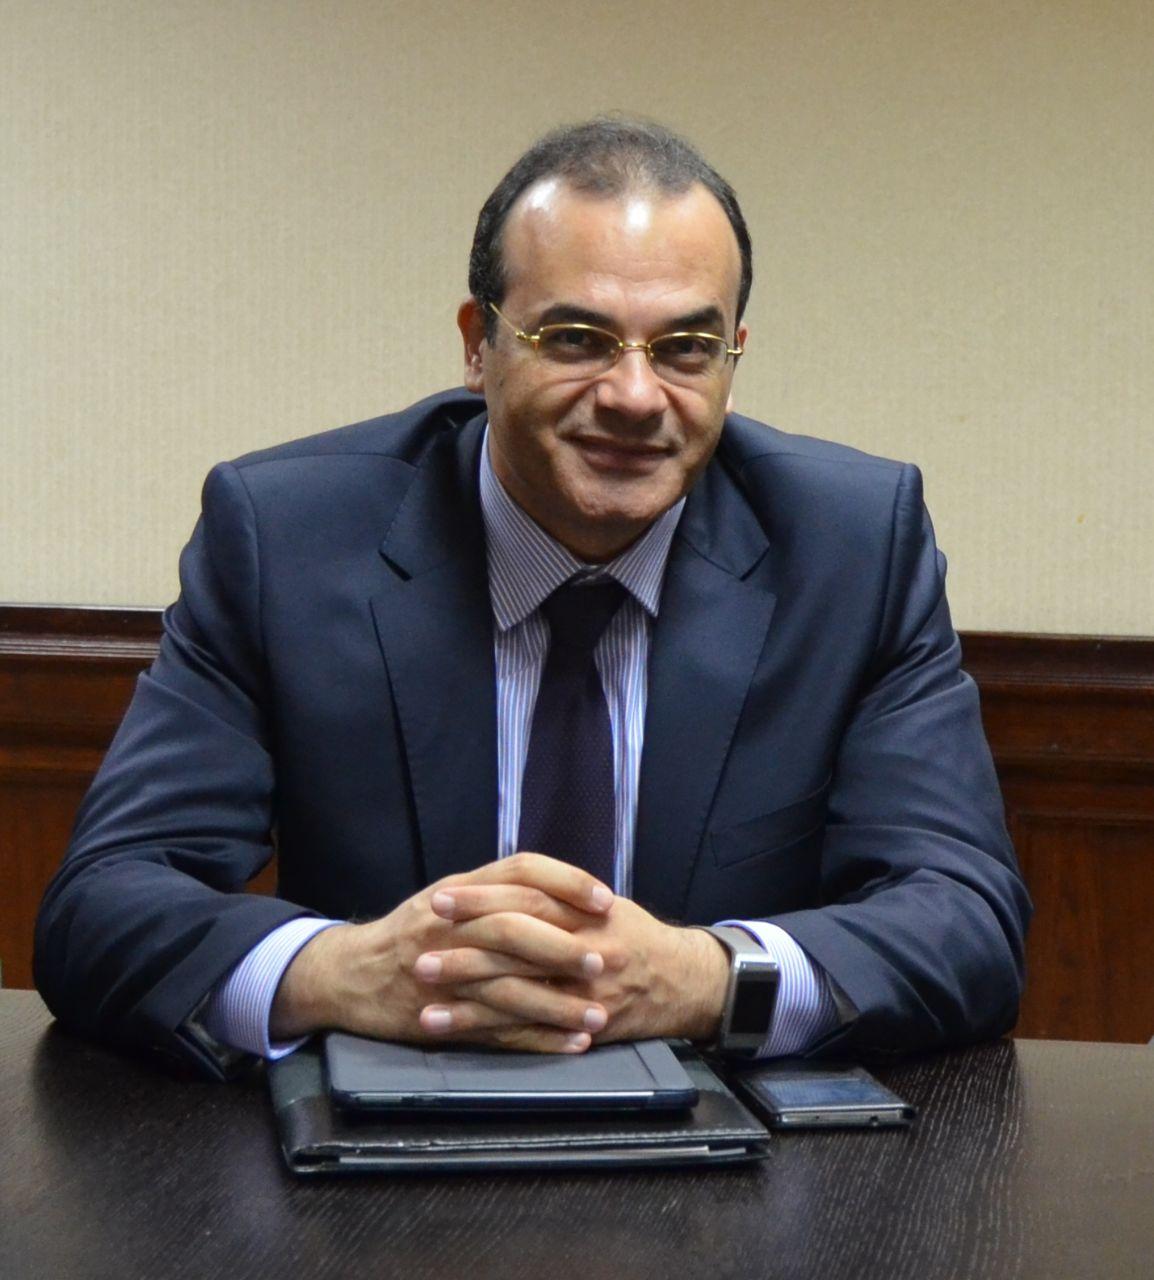 جمعية طب السمع والاتزان المصرية تحتفل باليوم العالمي للسمع مارس المقبل